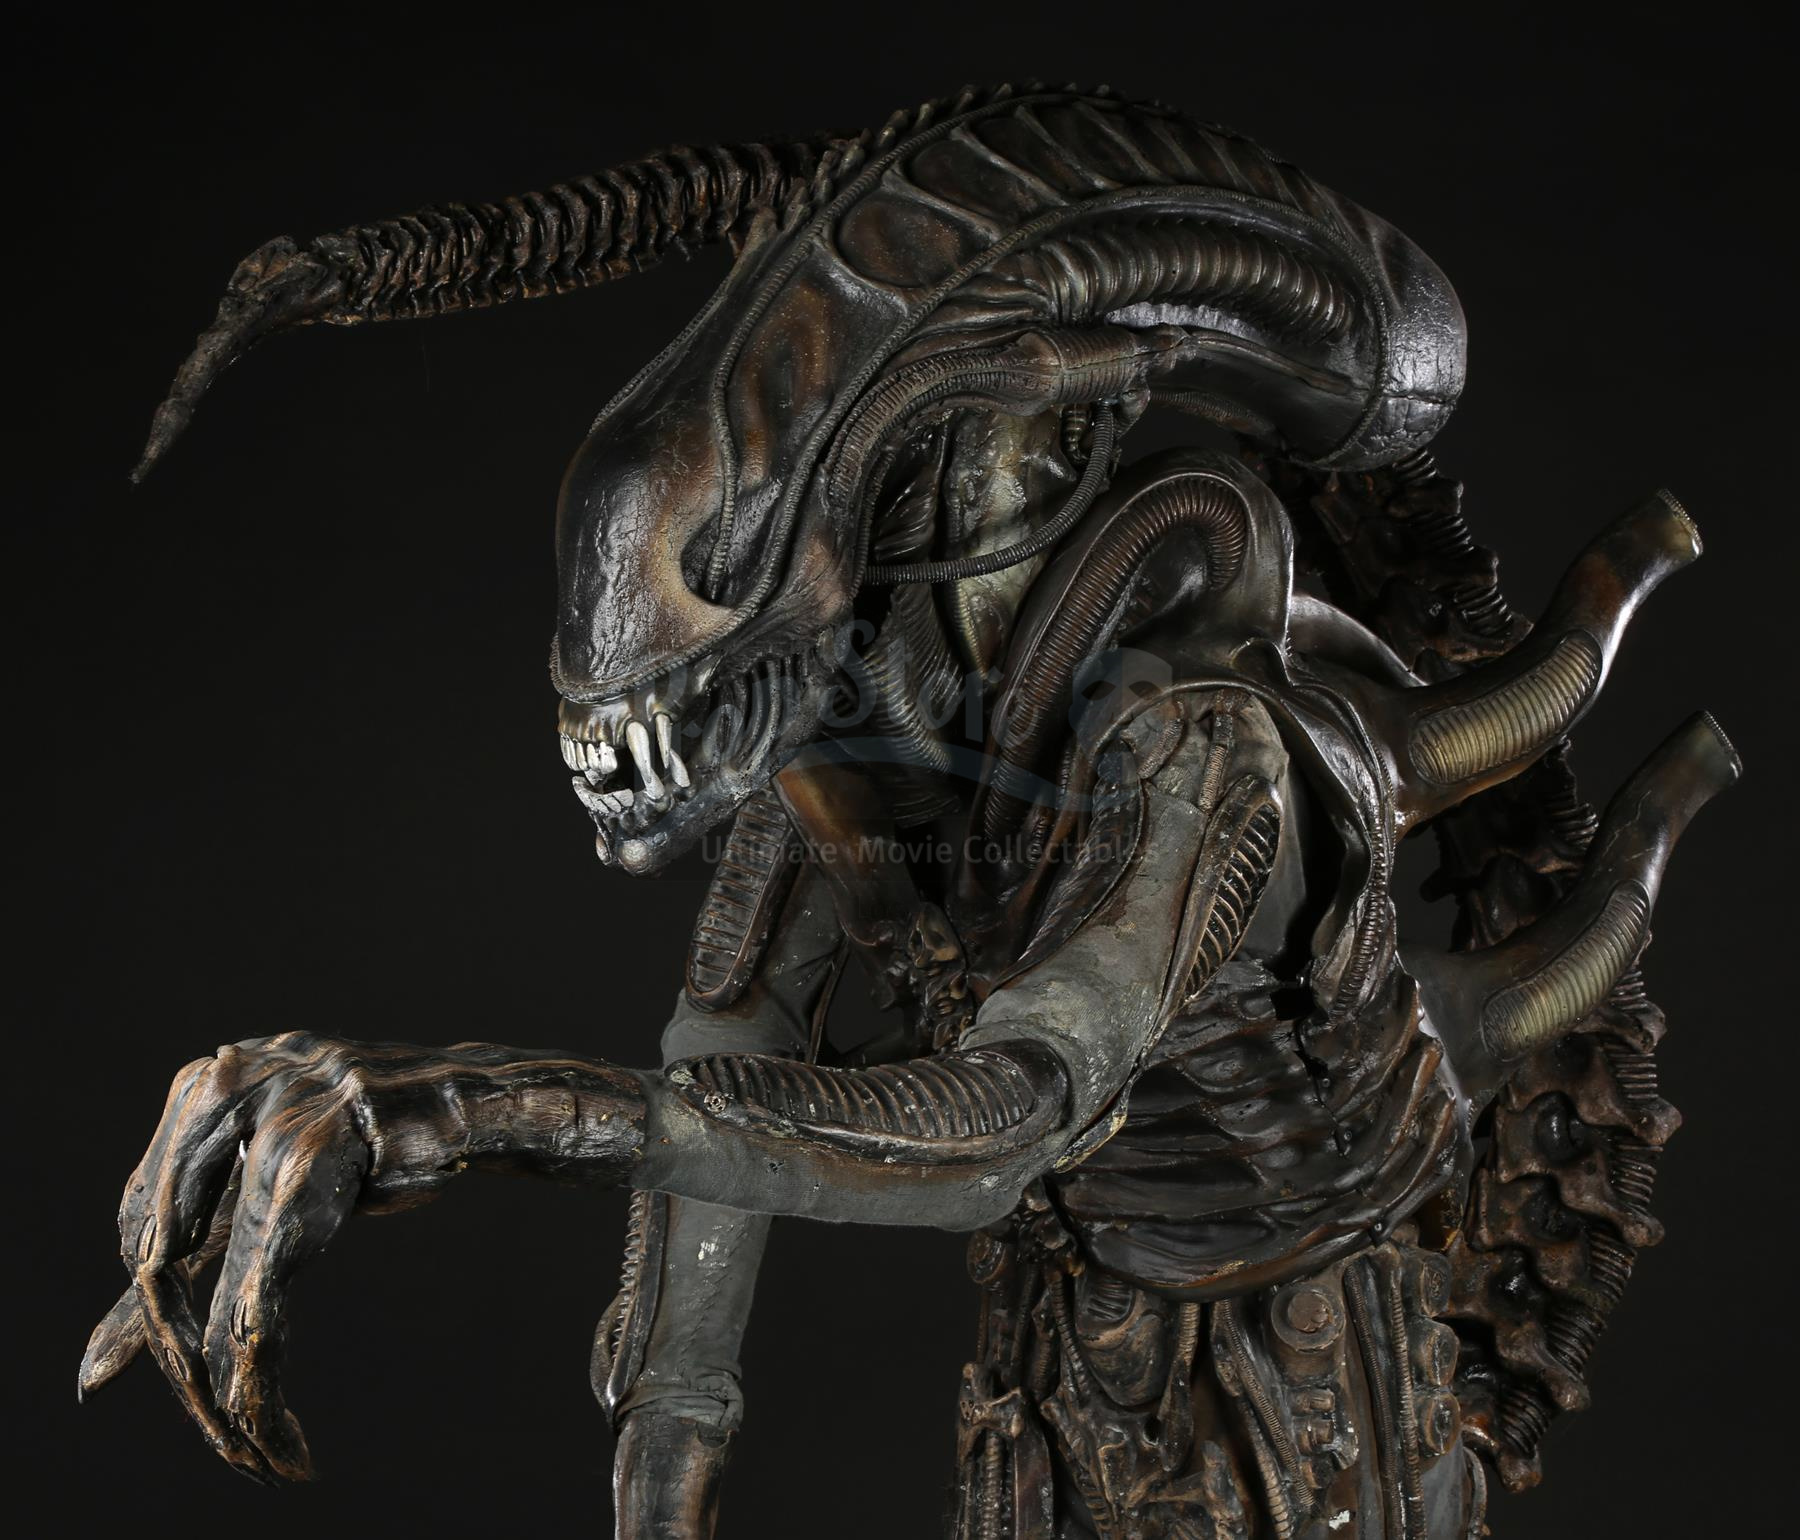 Alien Movie: Current Price: £50000